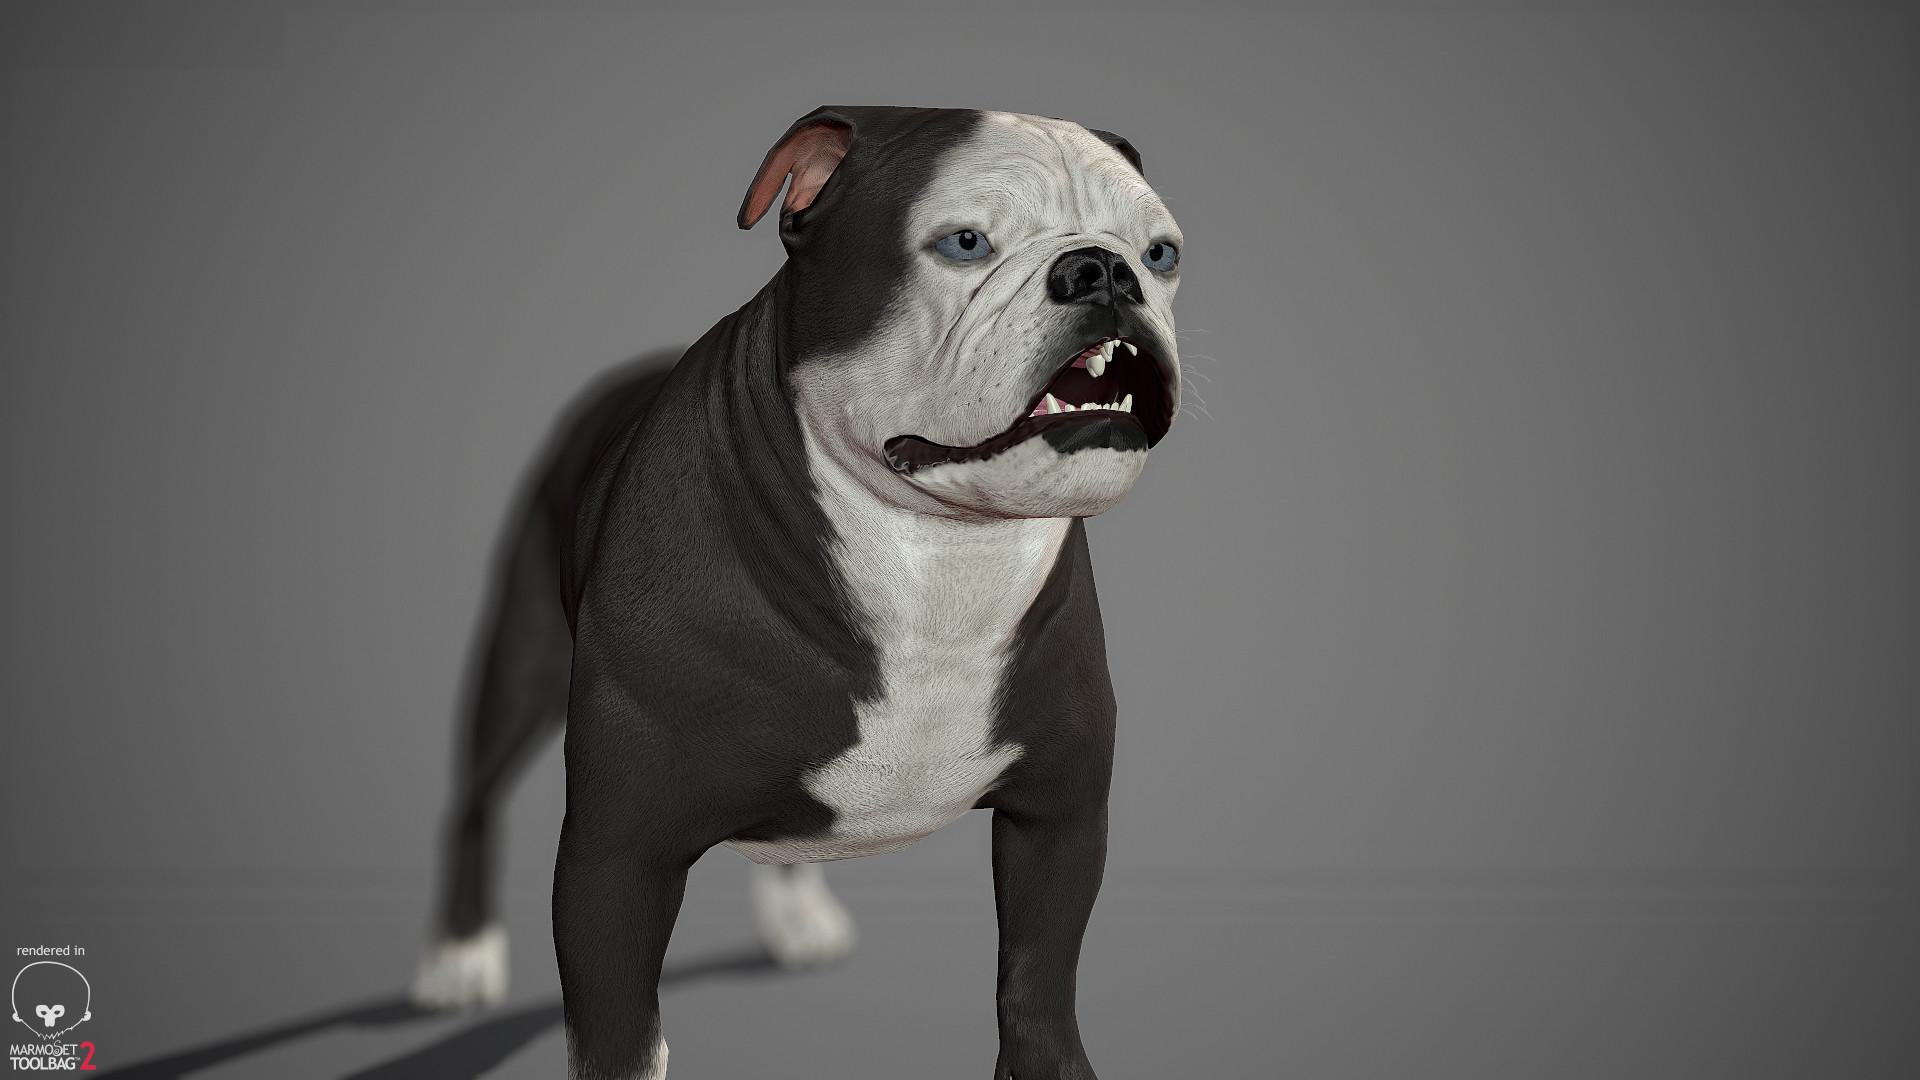 Alex lashko englishbulldog by alexlashko marmoset 19